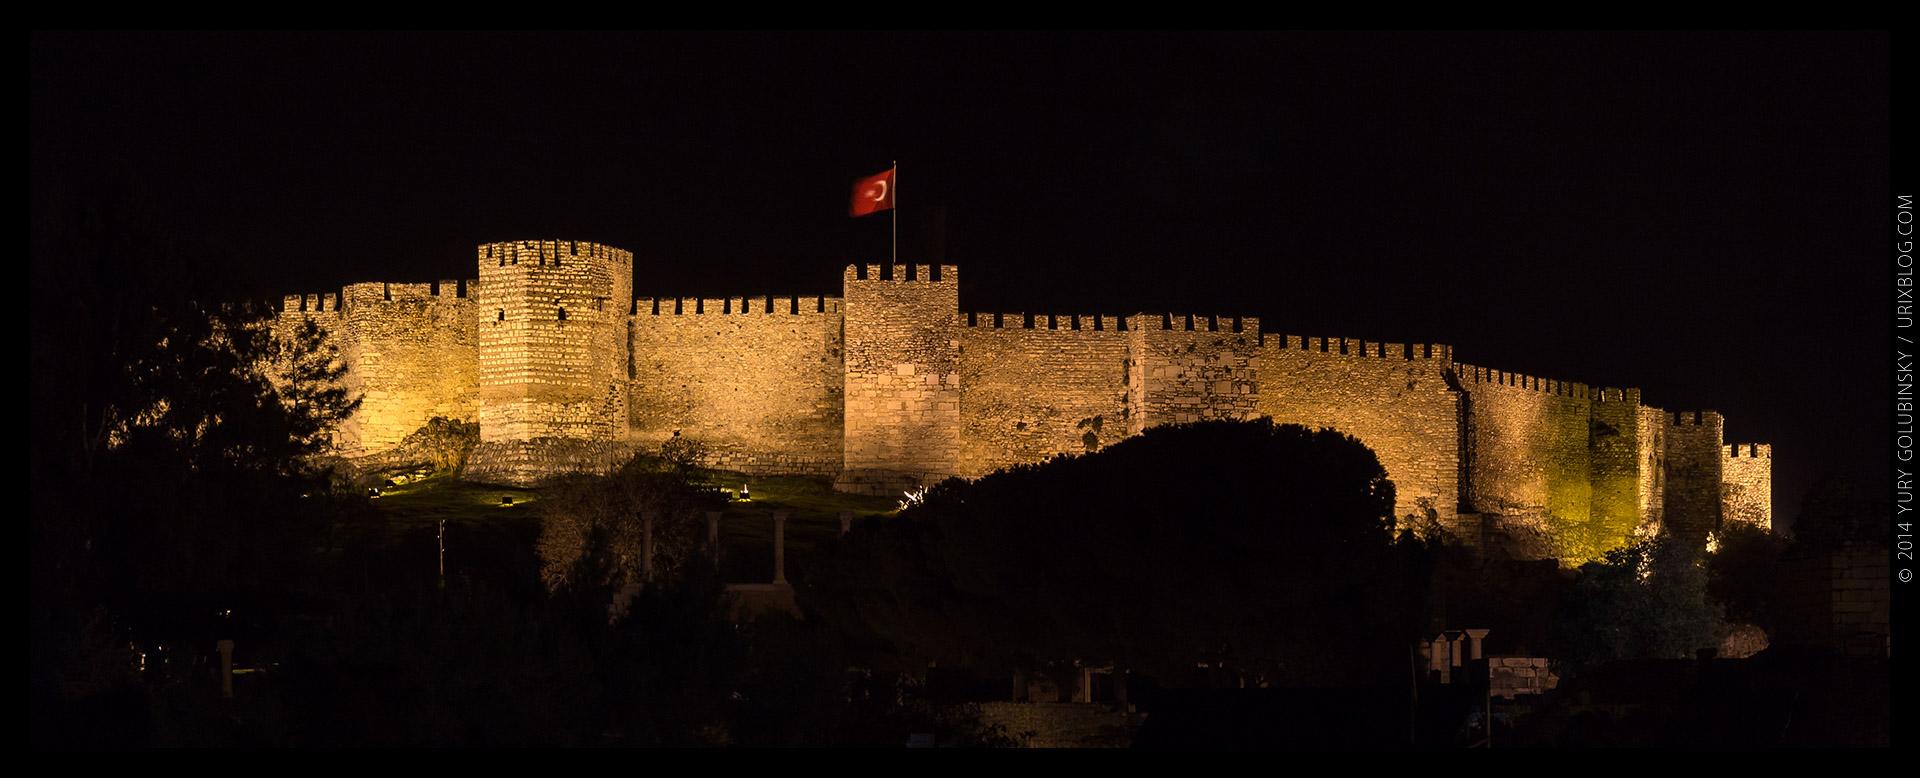 Аясулук, Айасулук, крепость, замок, ночь, флаг, холм, Сельчук, Измир, Турция, старинный, средневековый, руины, раскопки, панорама, 2014